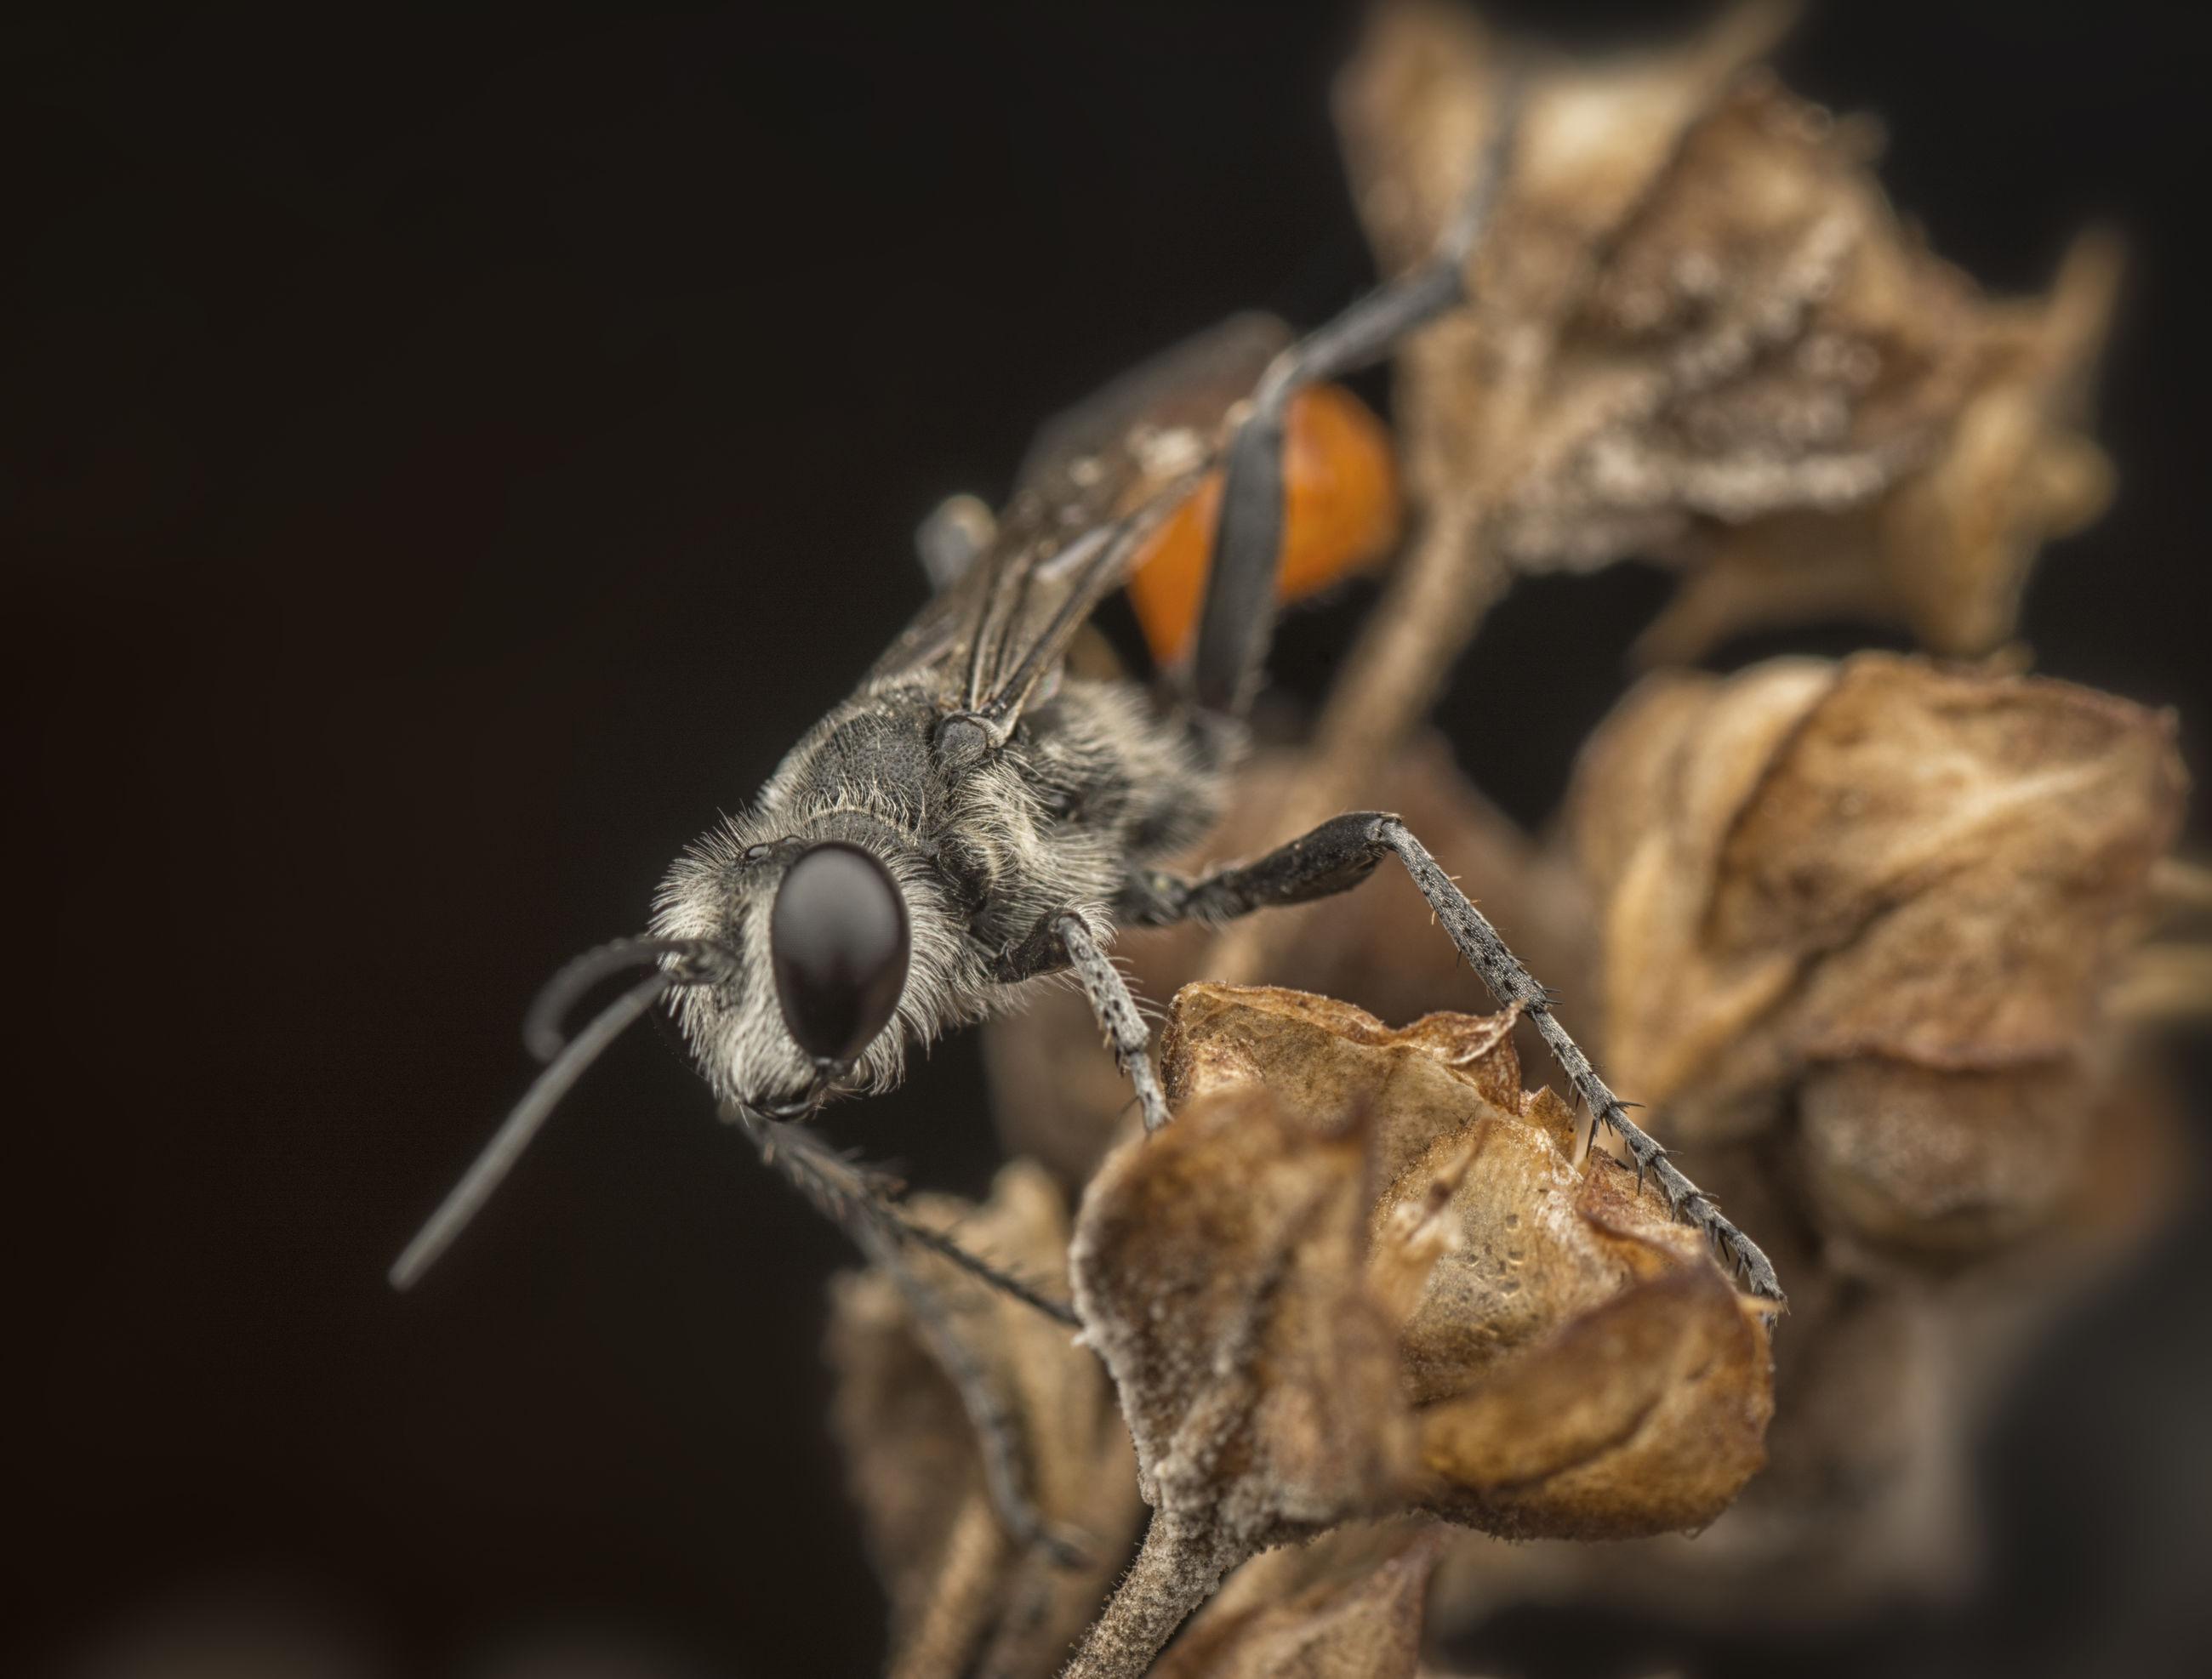 Prionynx closeup